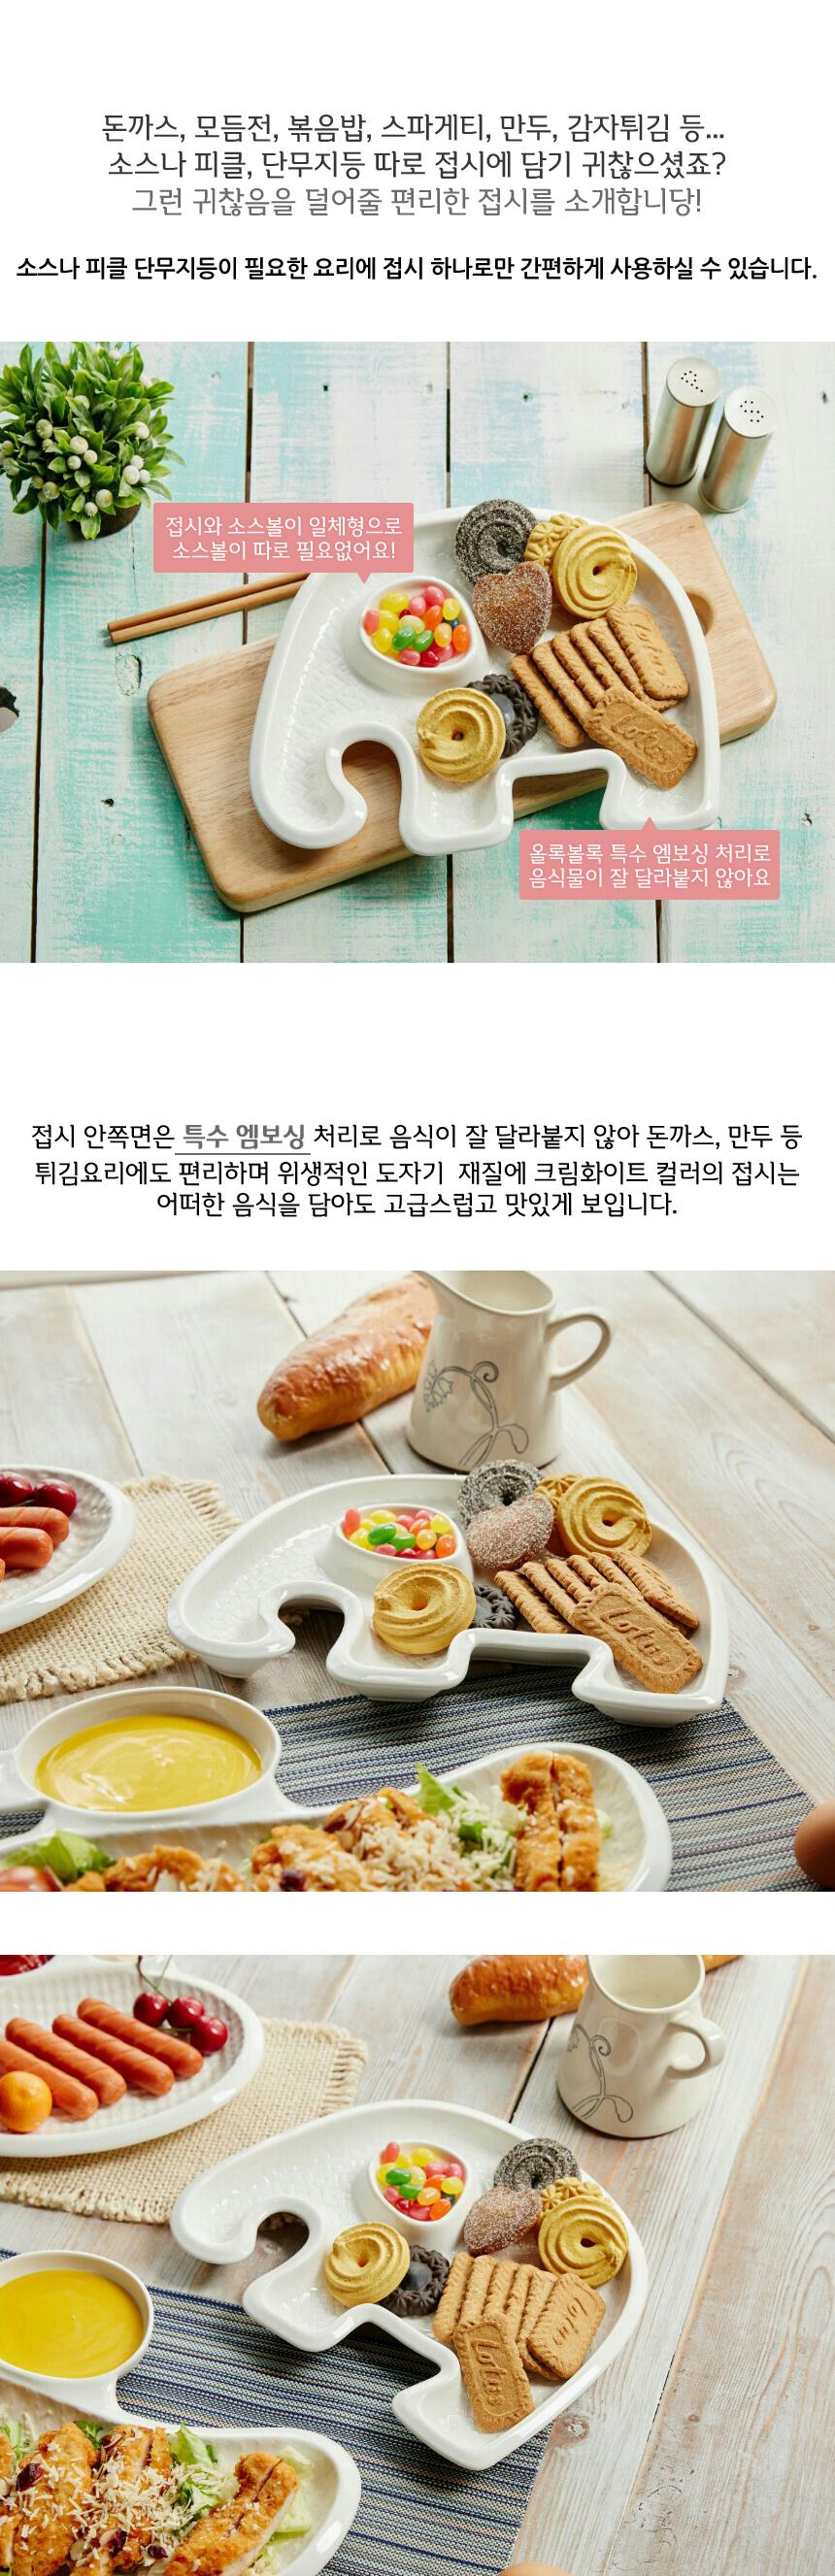 멀티 동물모양 도자기 간식접시(코끼리) - 김씨하우스, 10,800원, 나눔접시/식판, 나눔접시